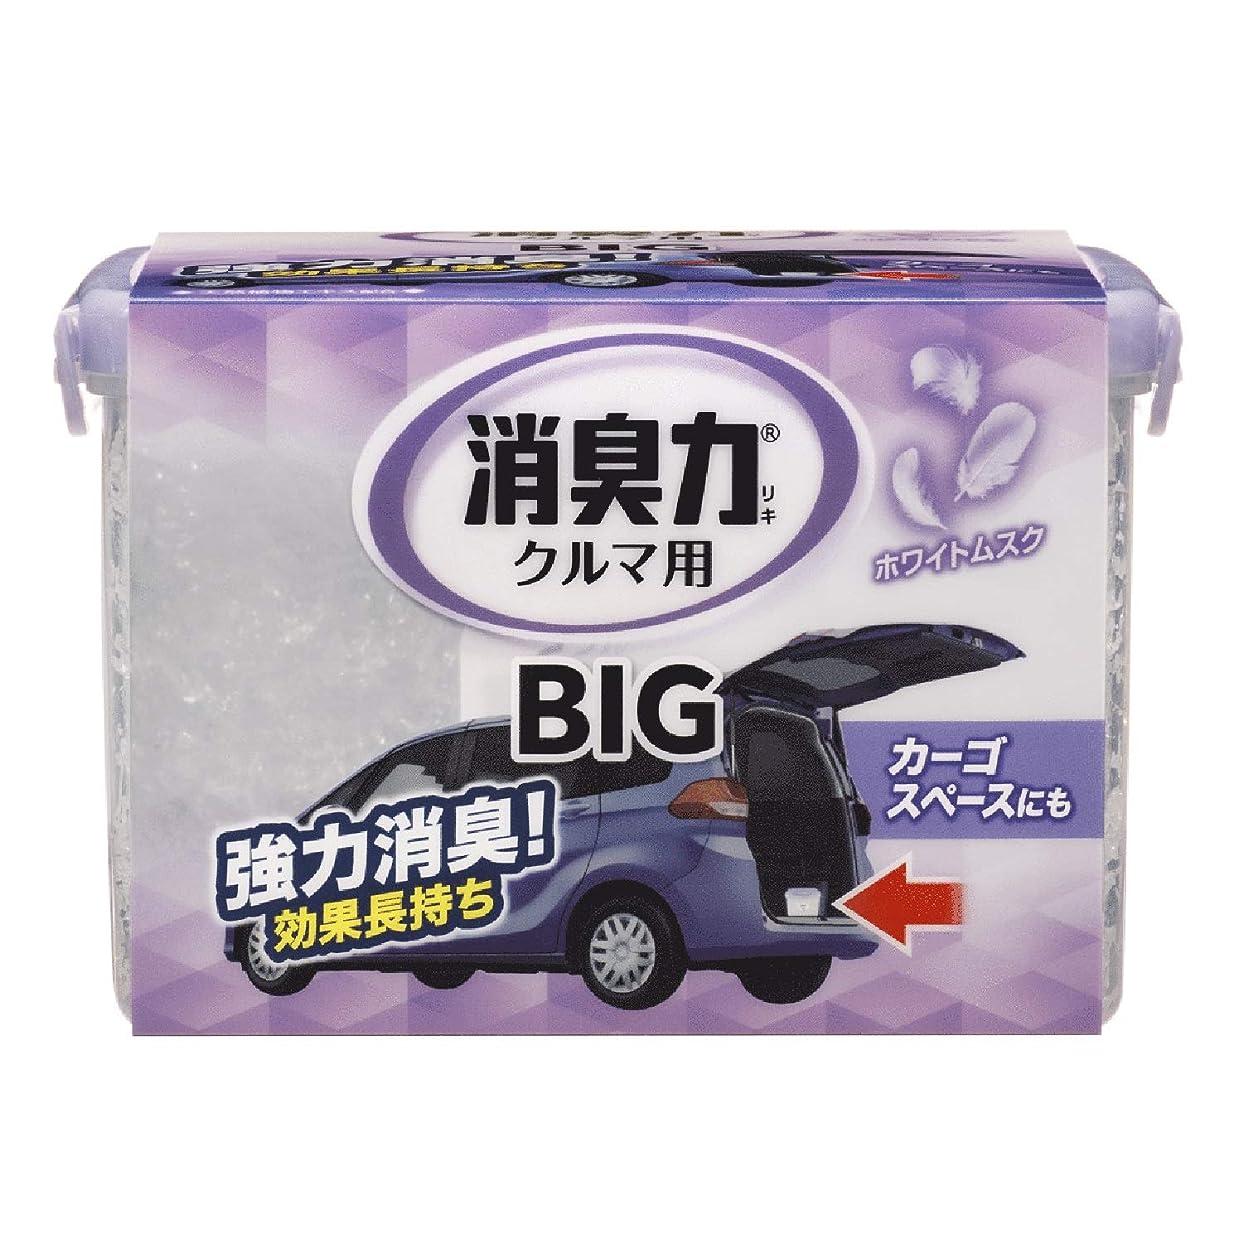 未使用変換するギャングクルマの消臭力 BIG 900g クルマ クルマ用消臭芳香剤 ホワイトムスク